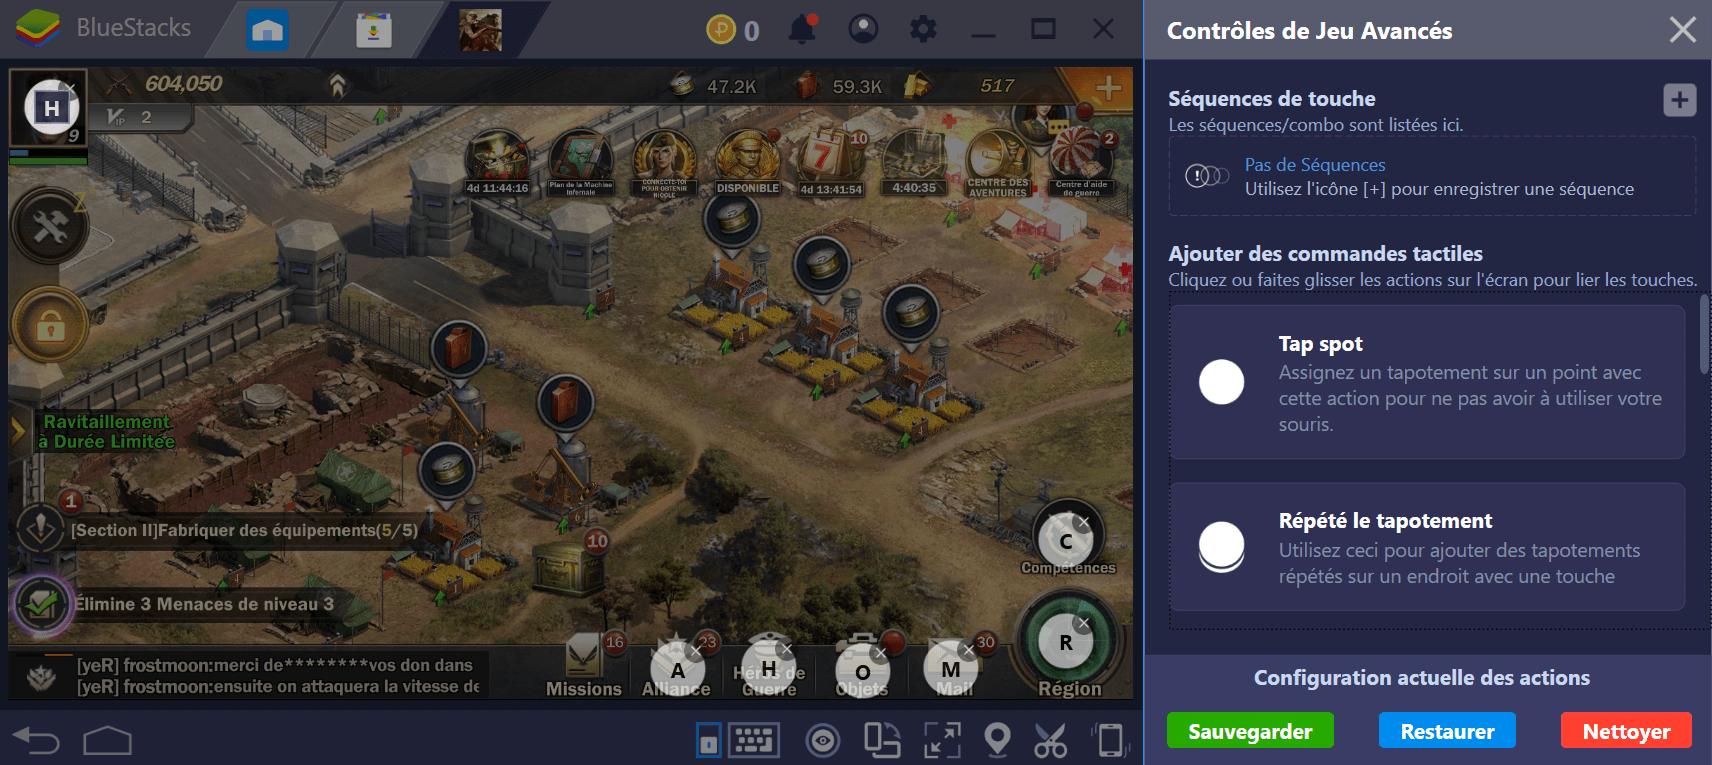 Z Day: Guerre des Zombies – Comment jouer sur BlueStacks